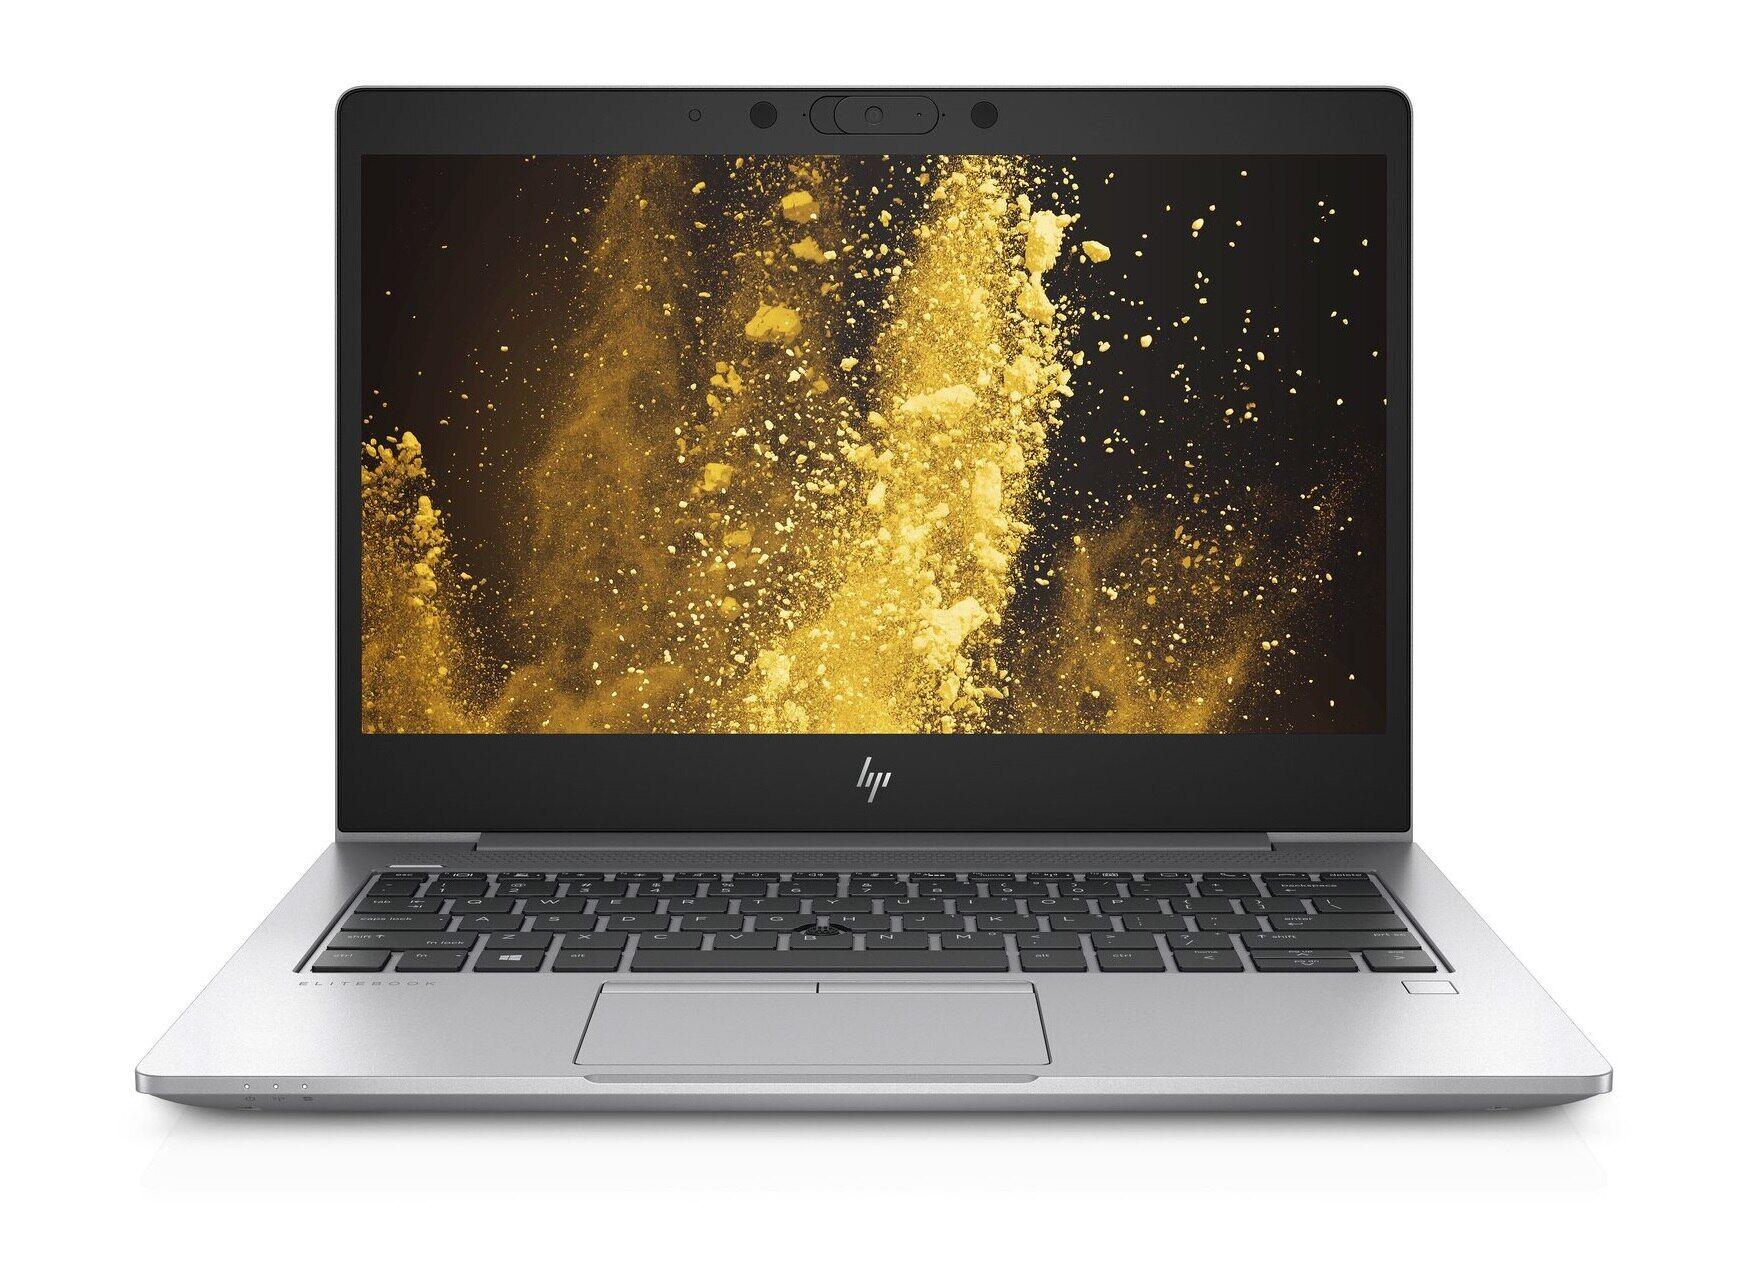 HP EliteBook 830 G6 Notebook-PC mit Sure View Blickschutz und 4G/LTE Modem